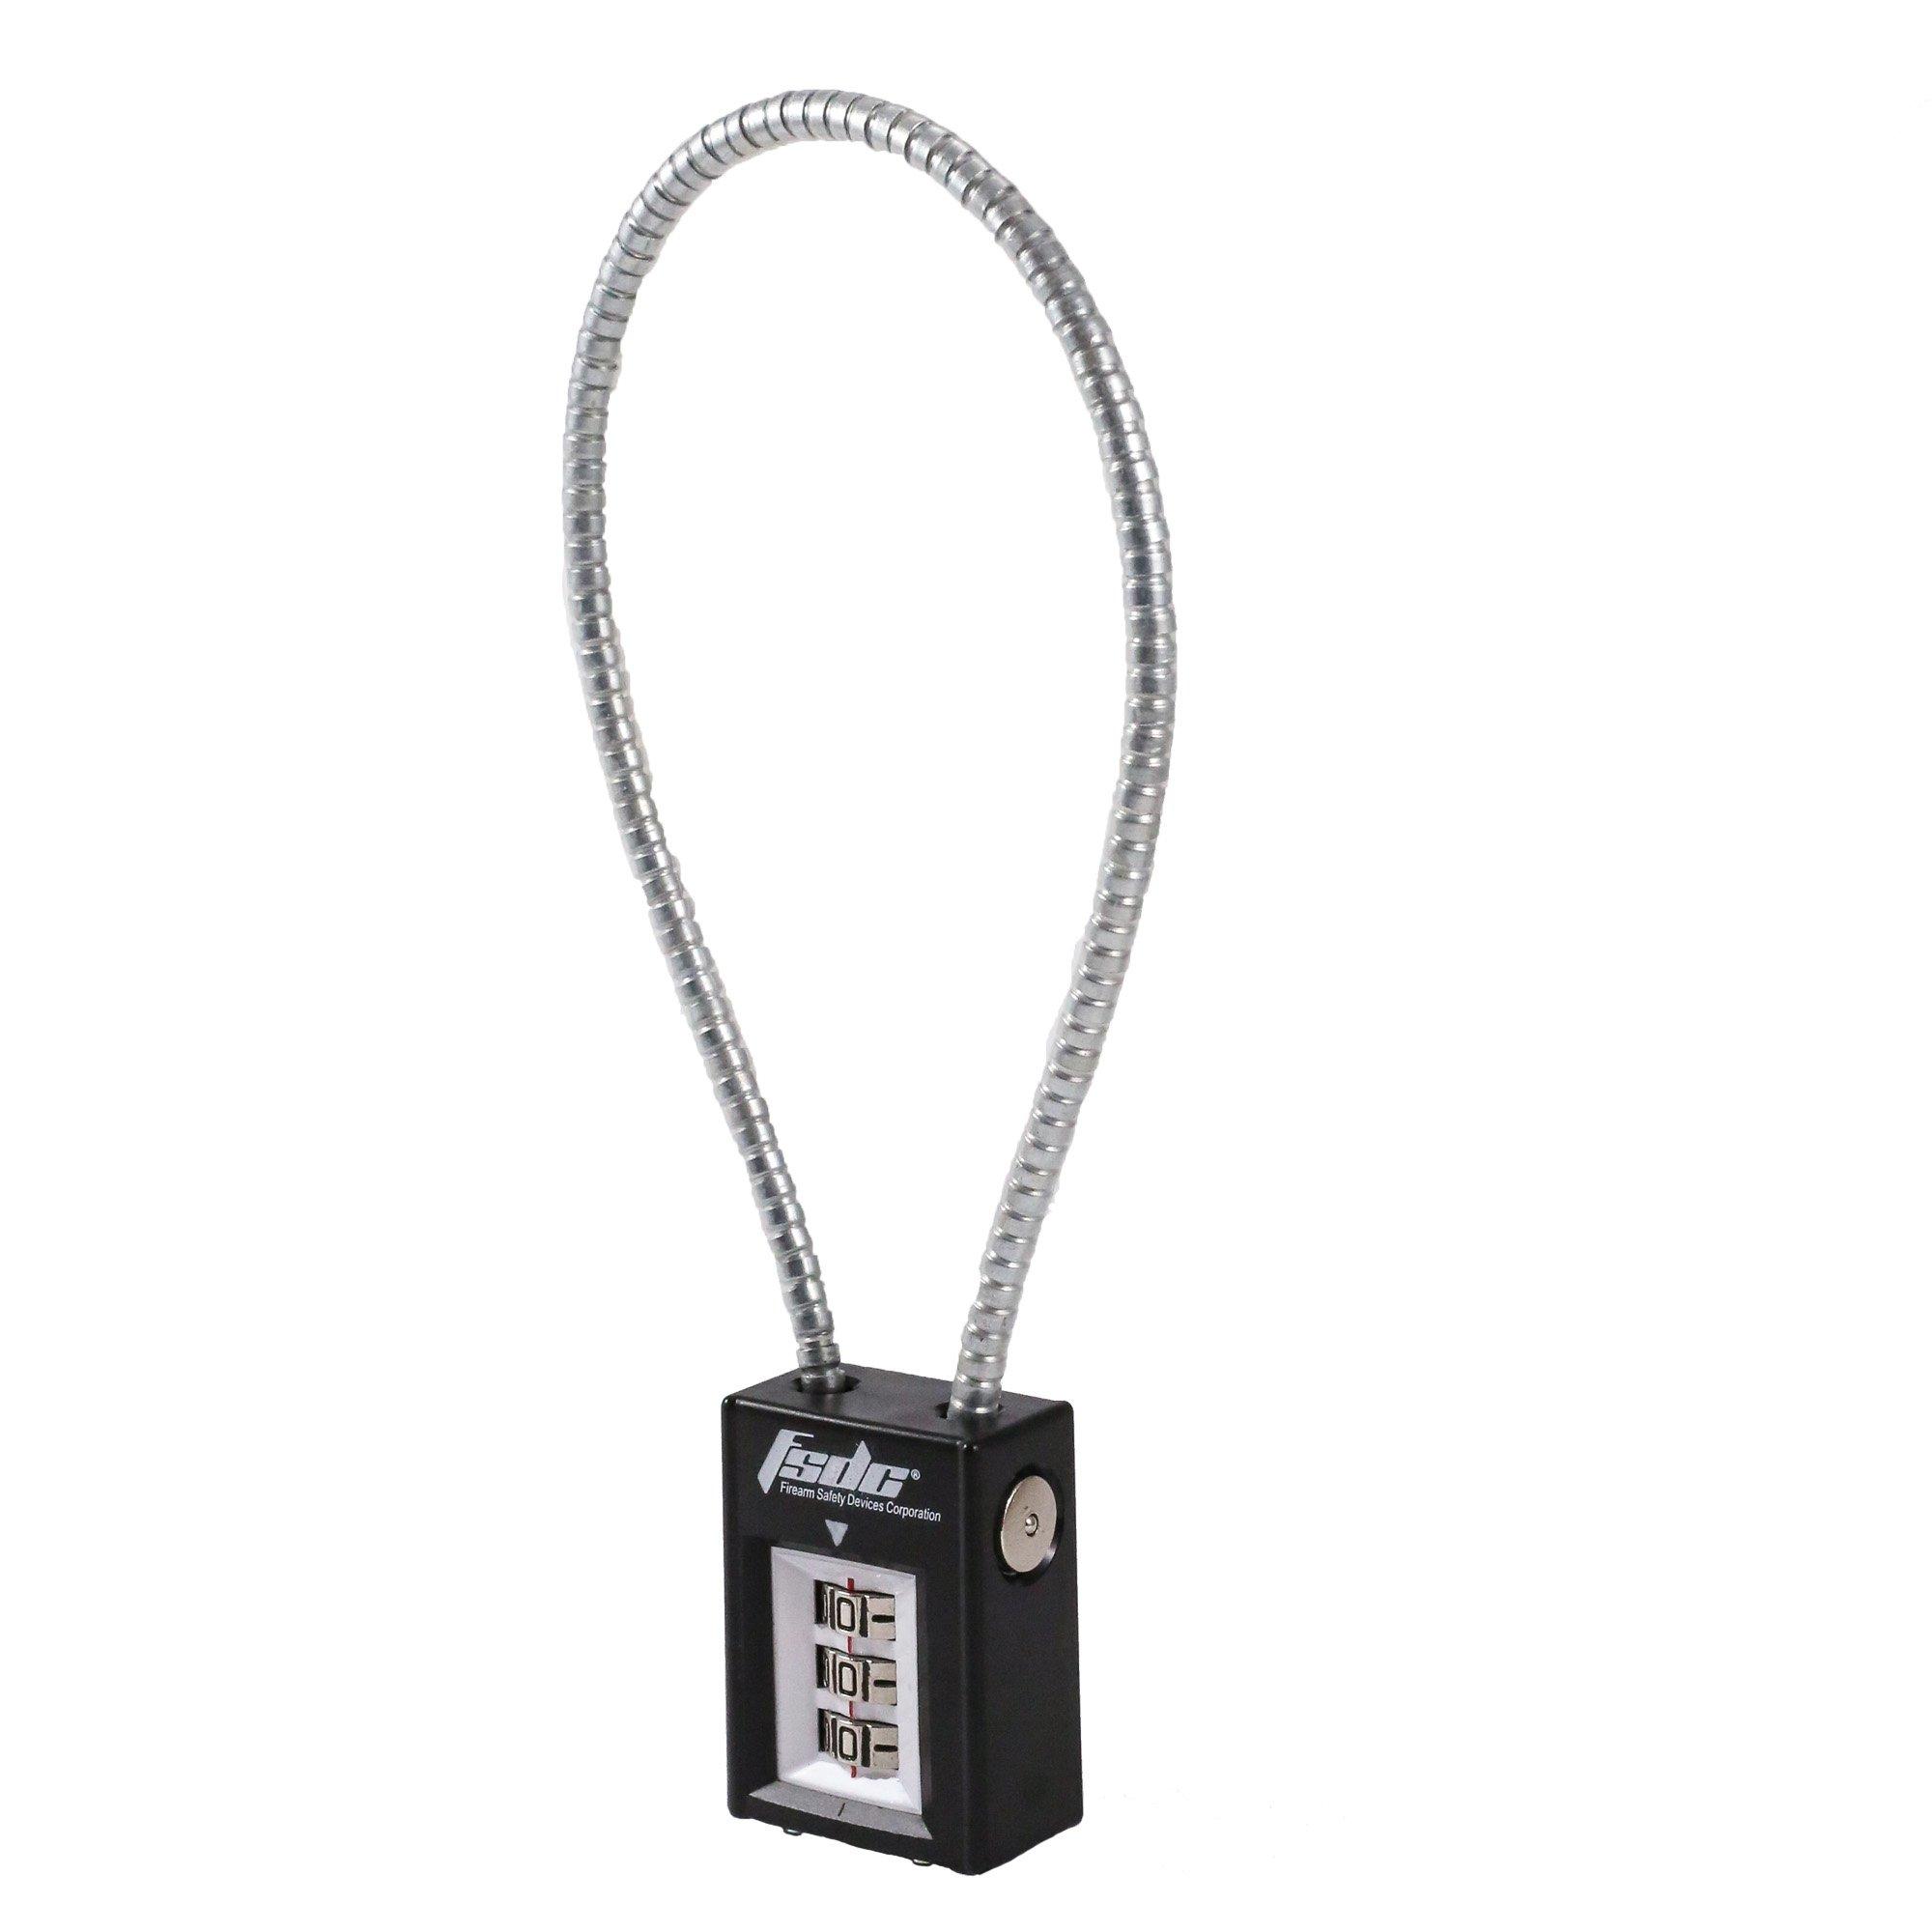 FSDC 14'' California-Approved Combination Cable Gun Lock